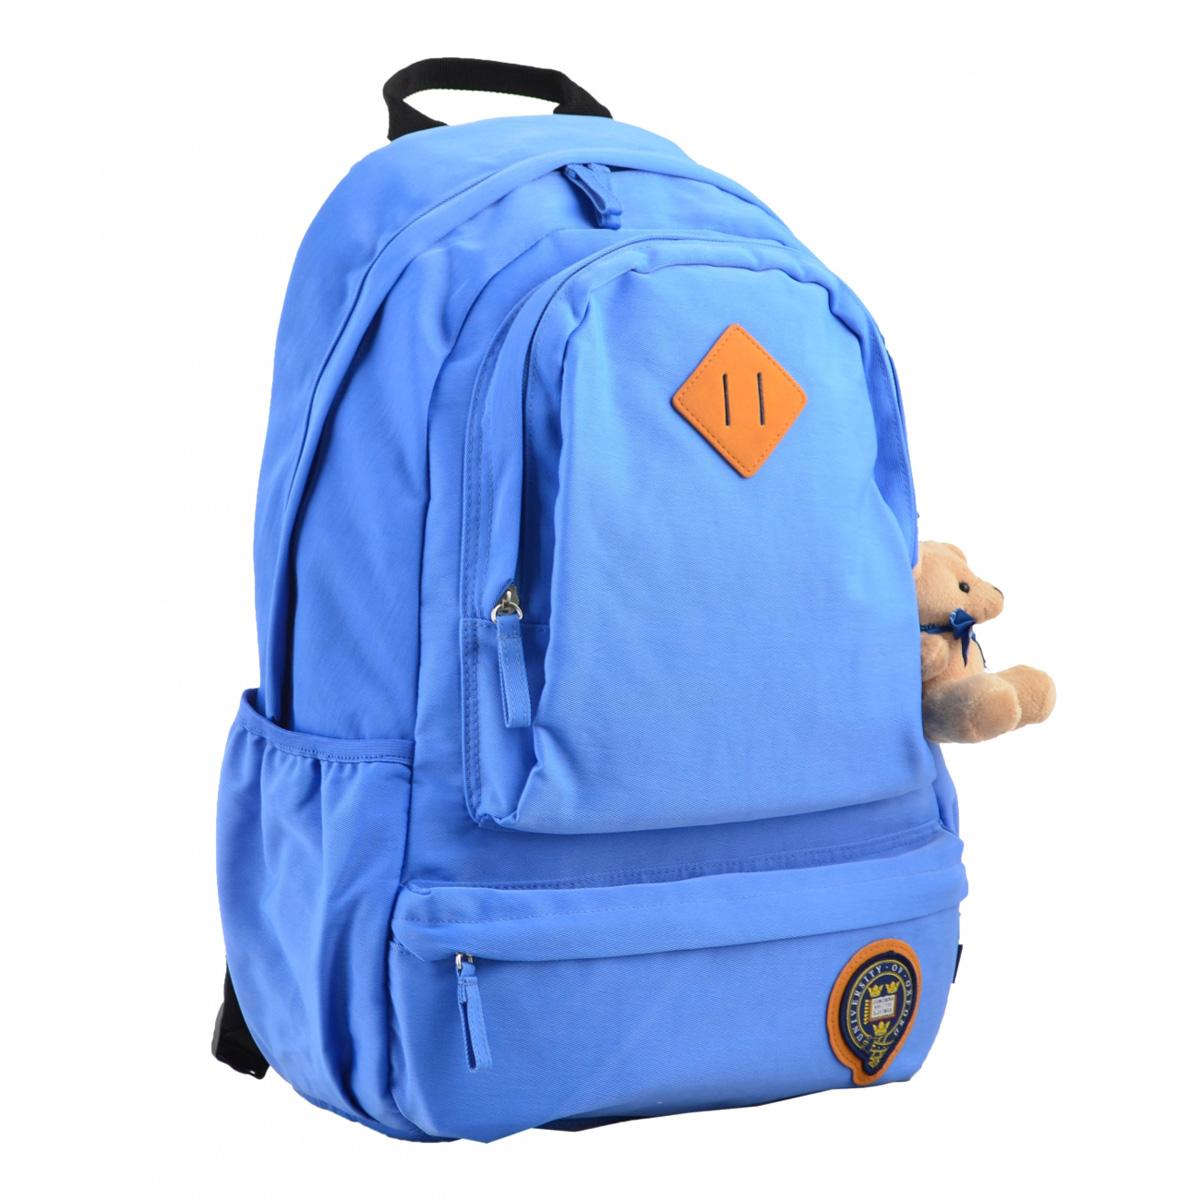 Рюкзак молодежный OX 353, 46*29.5*13.5, голубой